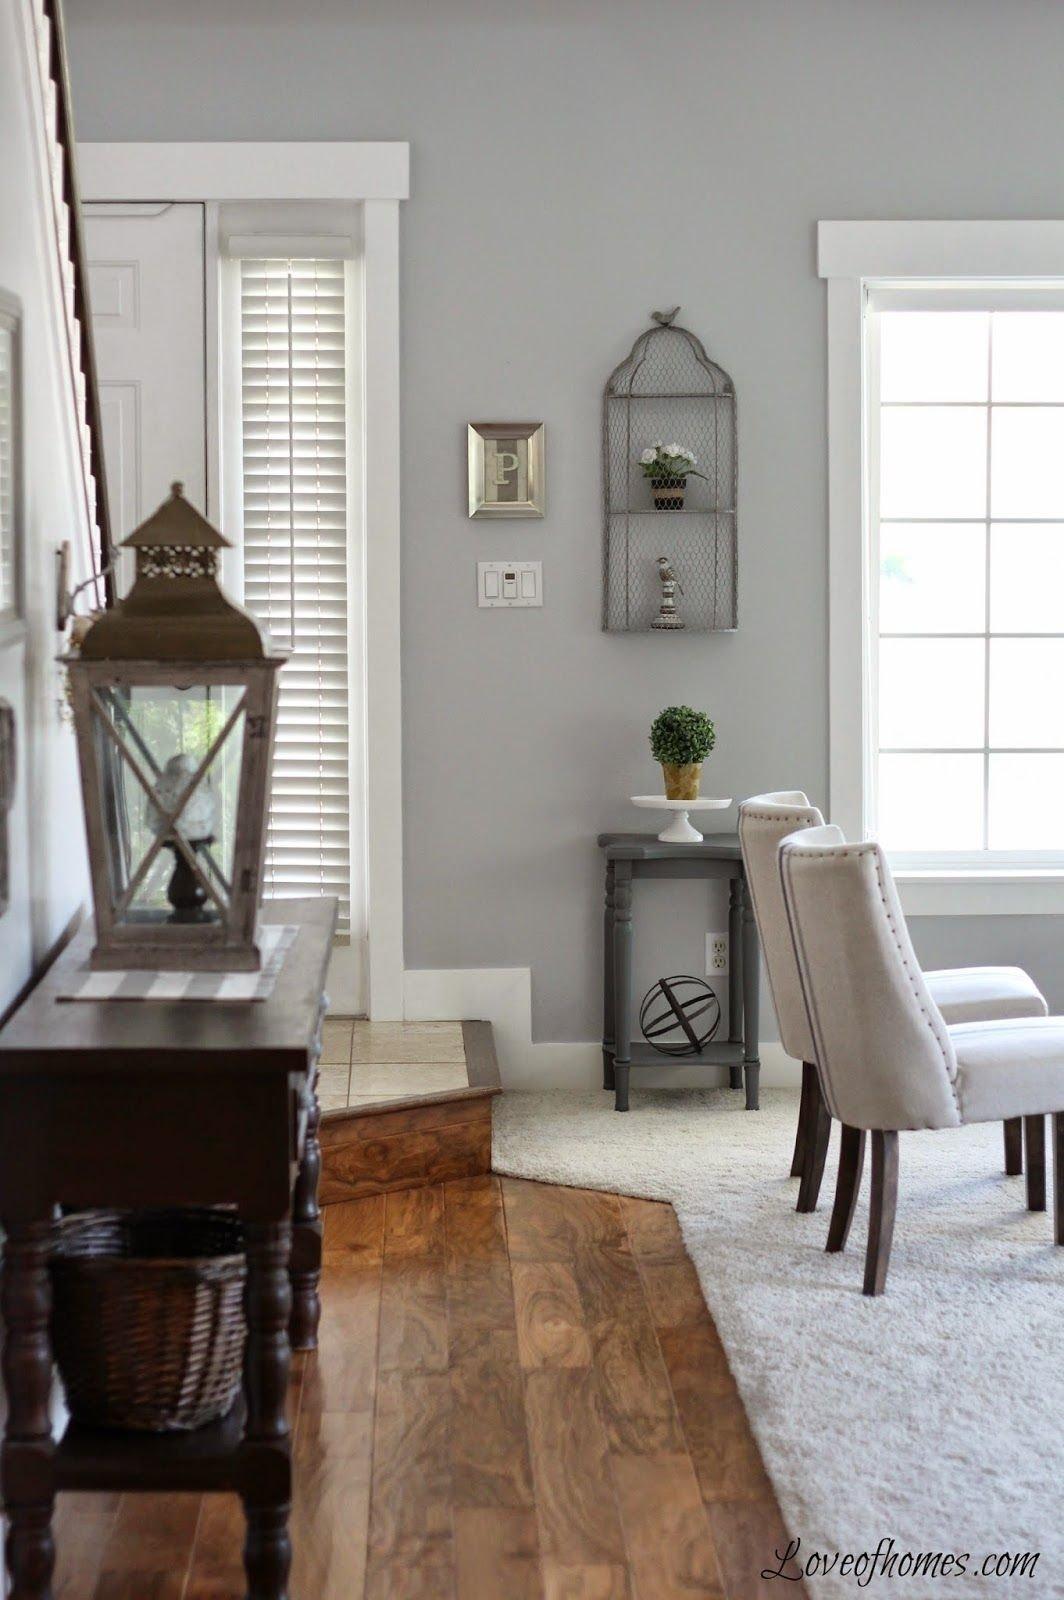 10 Unique Paint For Living Room Ideas benjamin moore pelican grey grey pinterest benjamin moore 2 2020